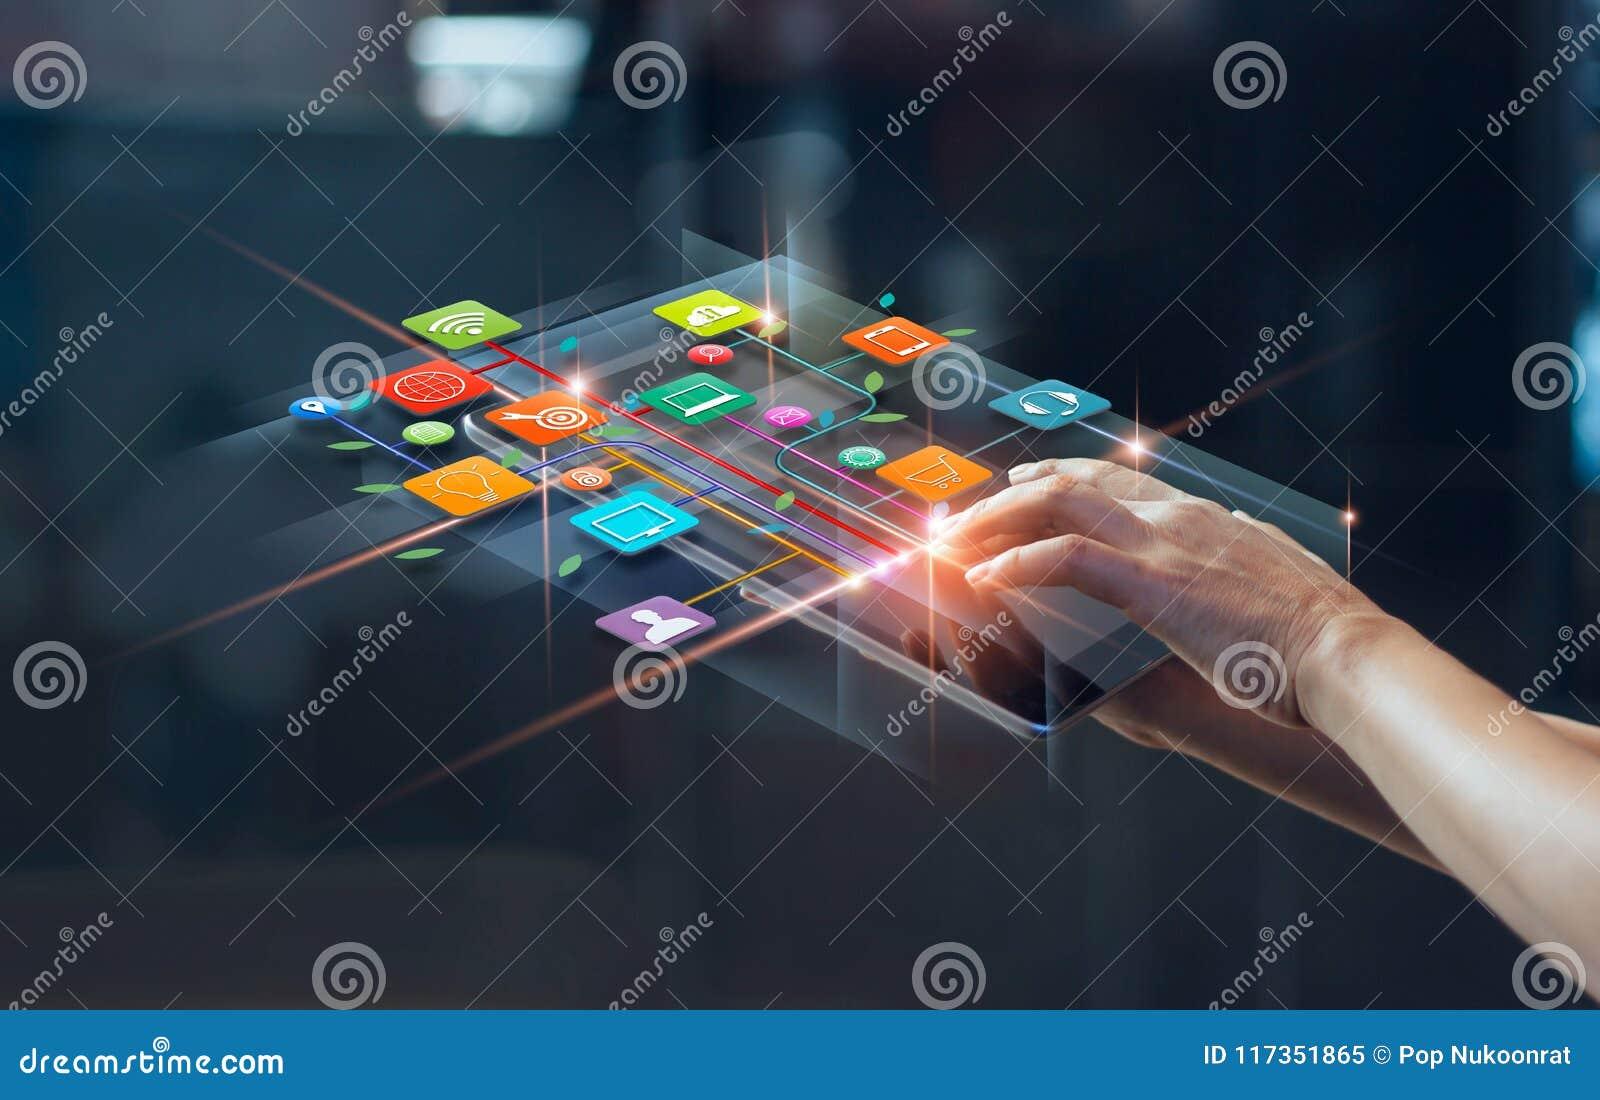 Mani facendo uso dei pagamenti mobili, vendita di Digital, rete bancaria